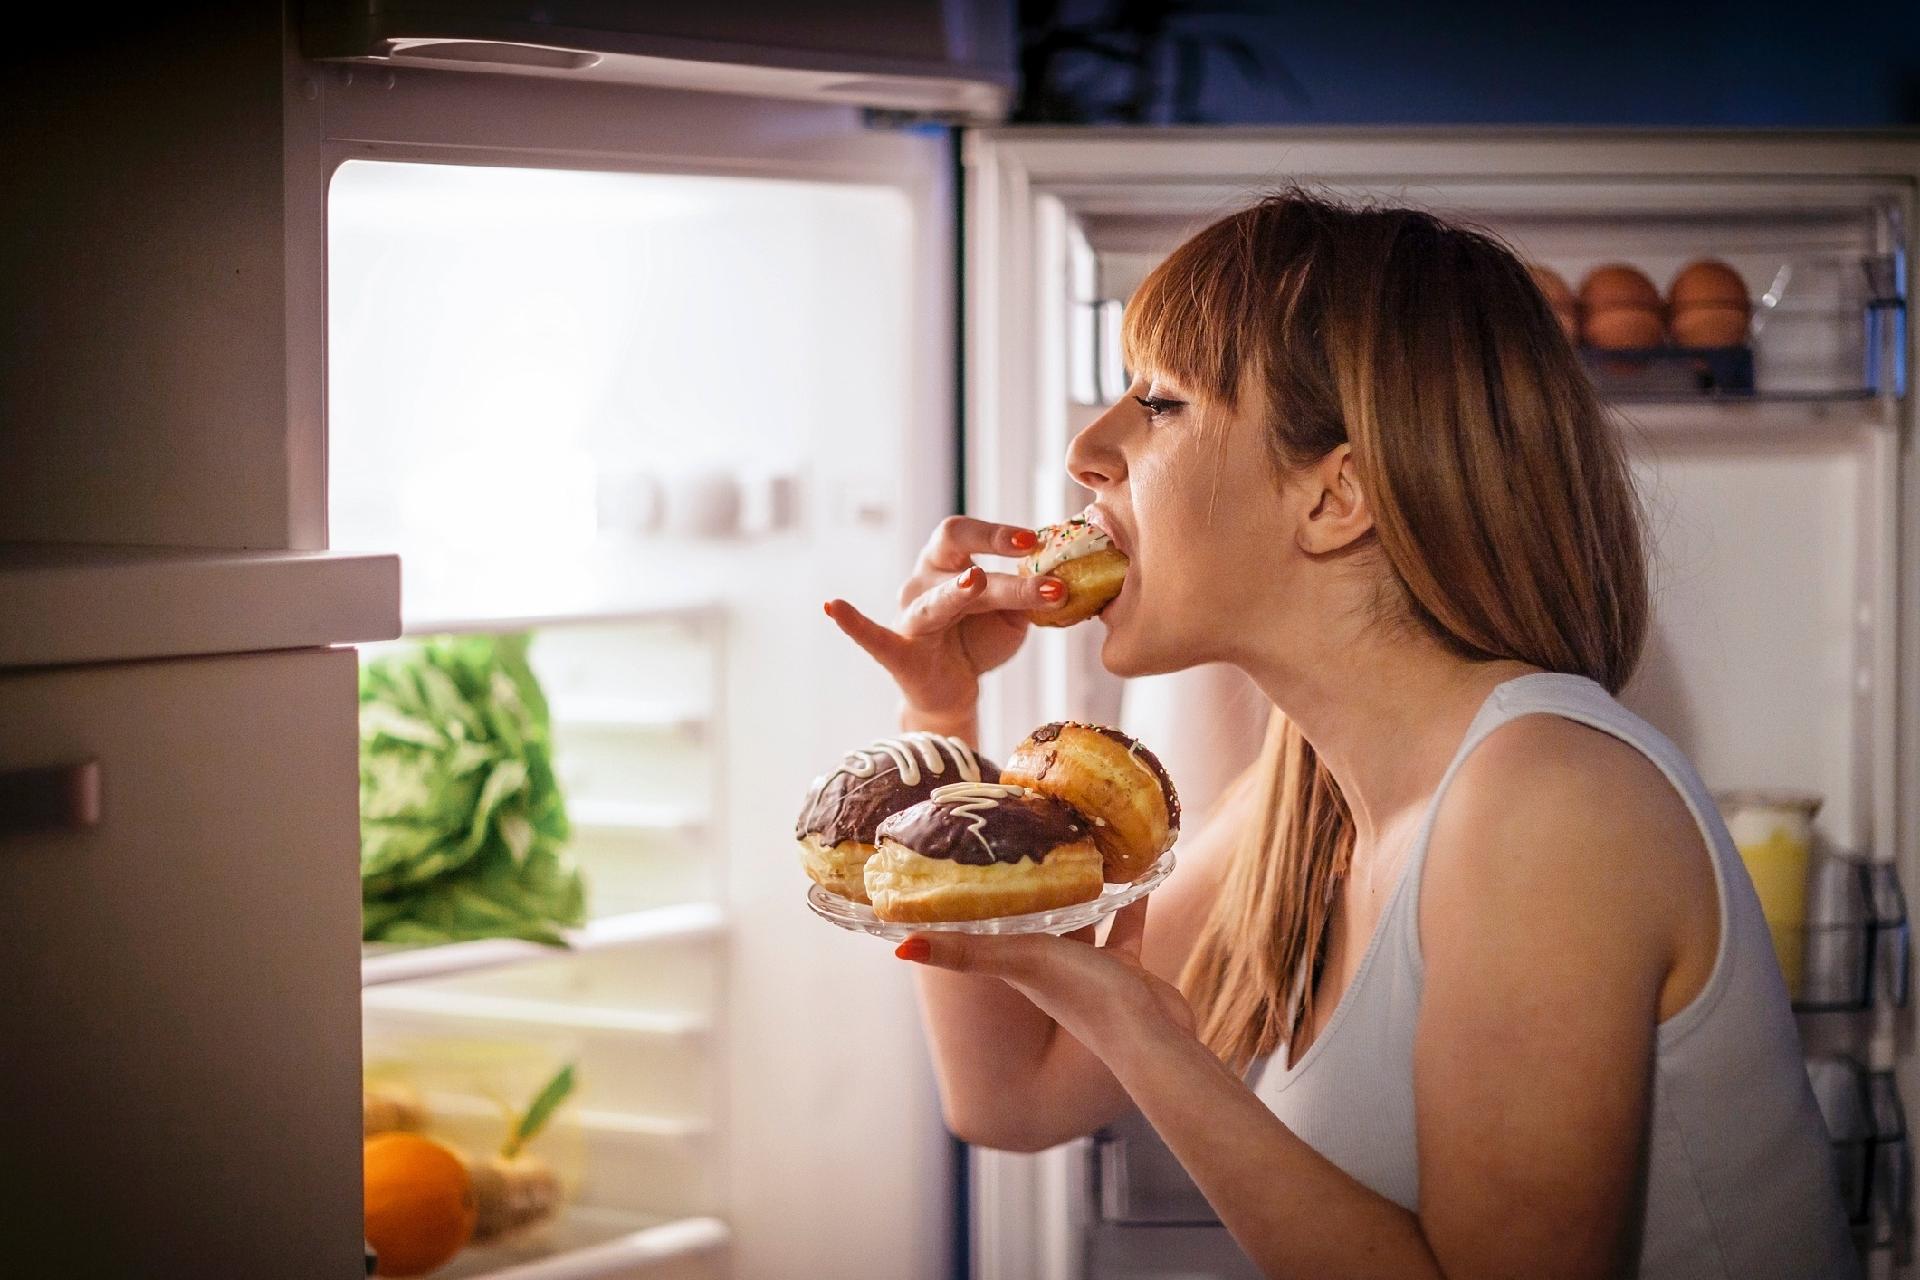 """Acesso a alimentos """"gordos"""" tem grande influência na compulsão alimentar - 11/04/2018 - UOL VivaBem"""